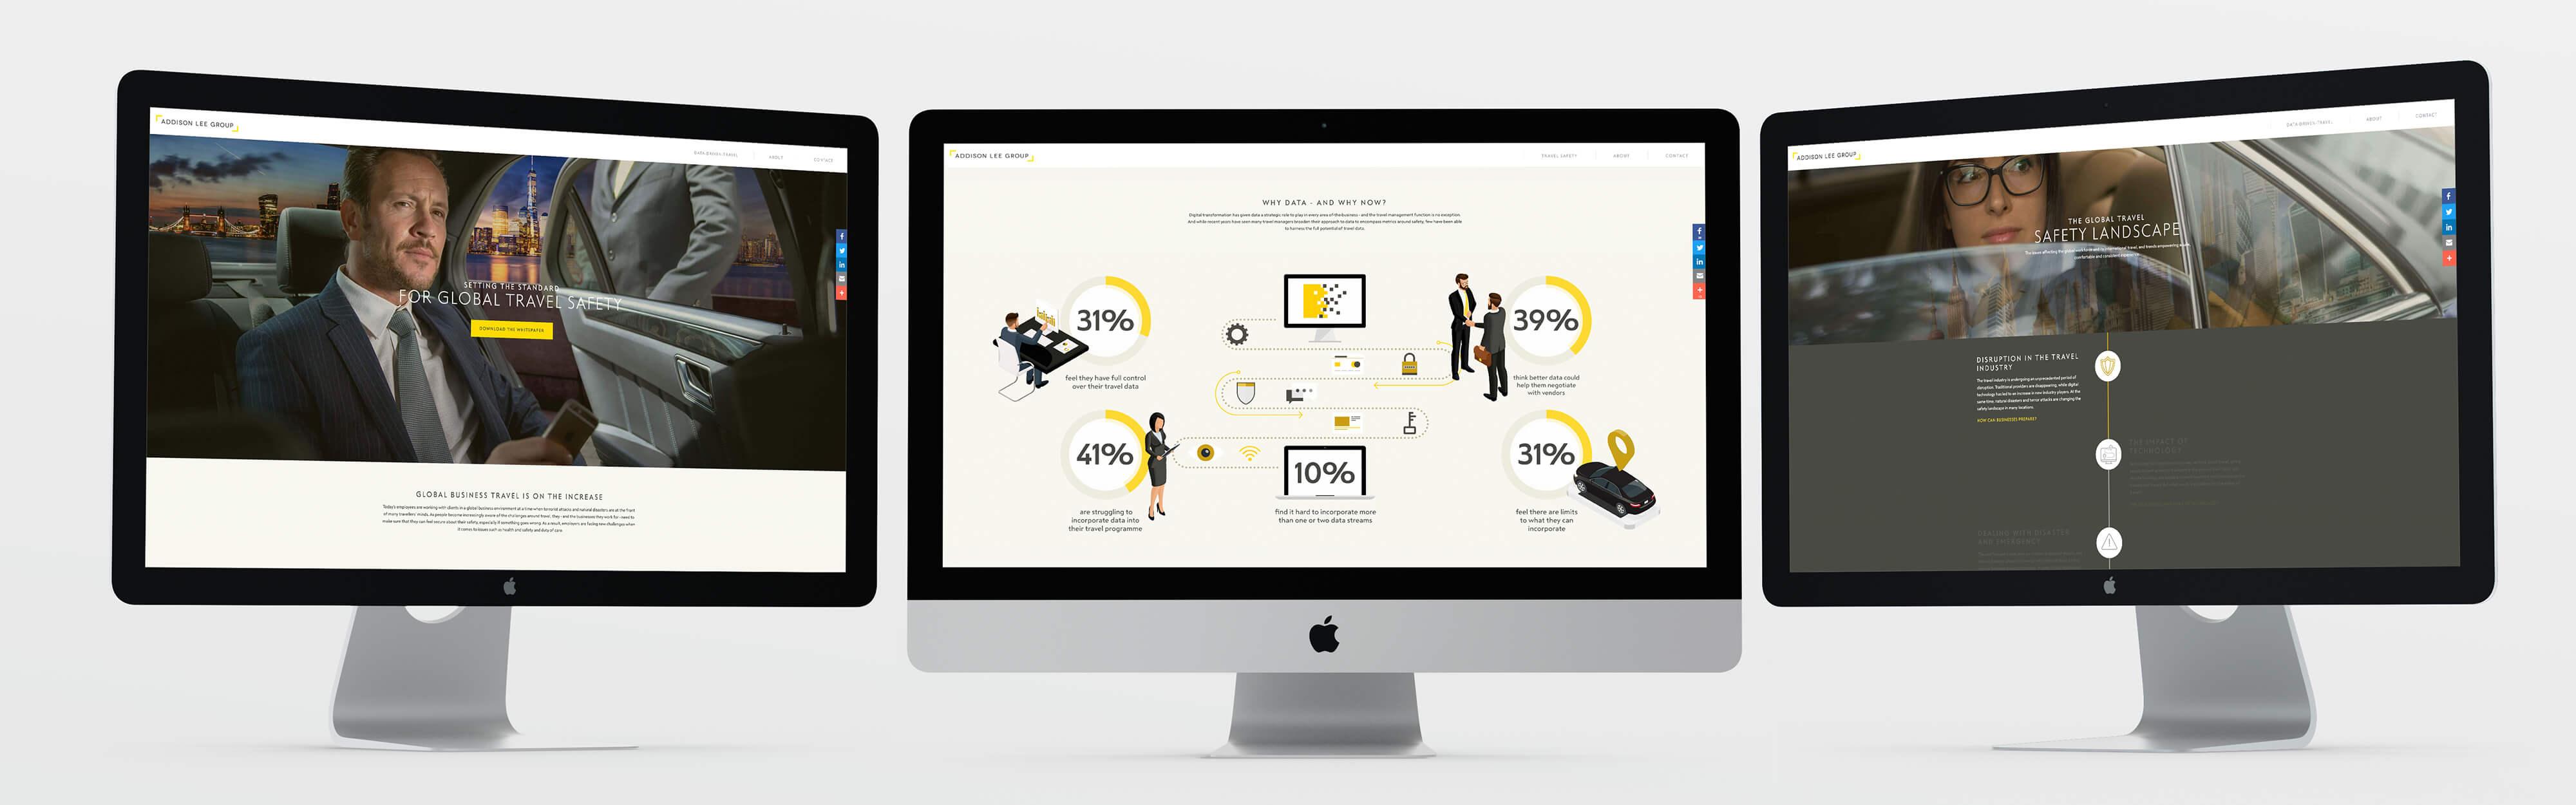 addison-lee-group-website